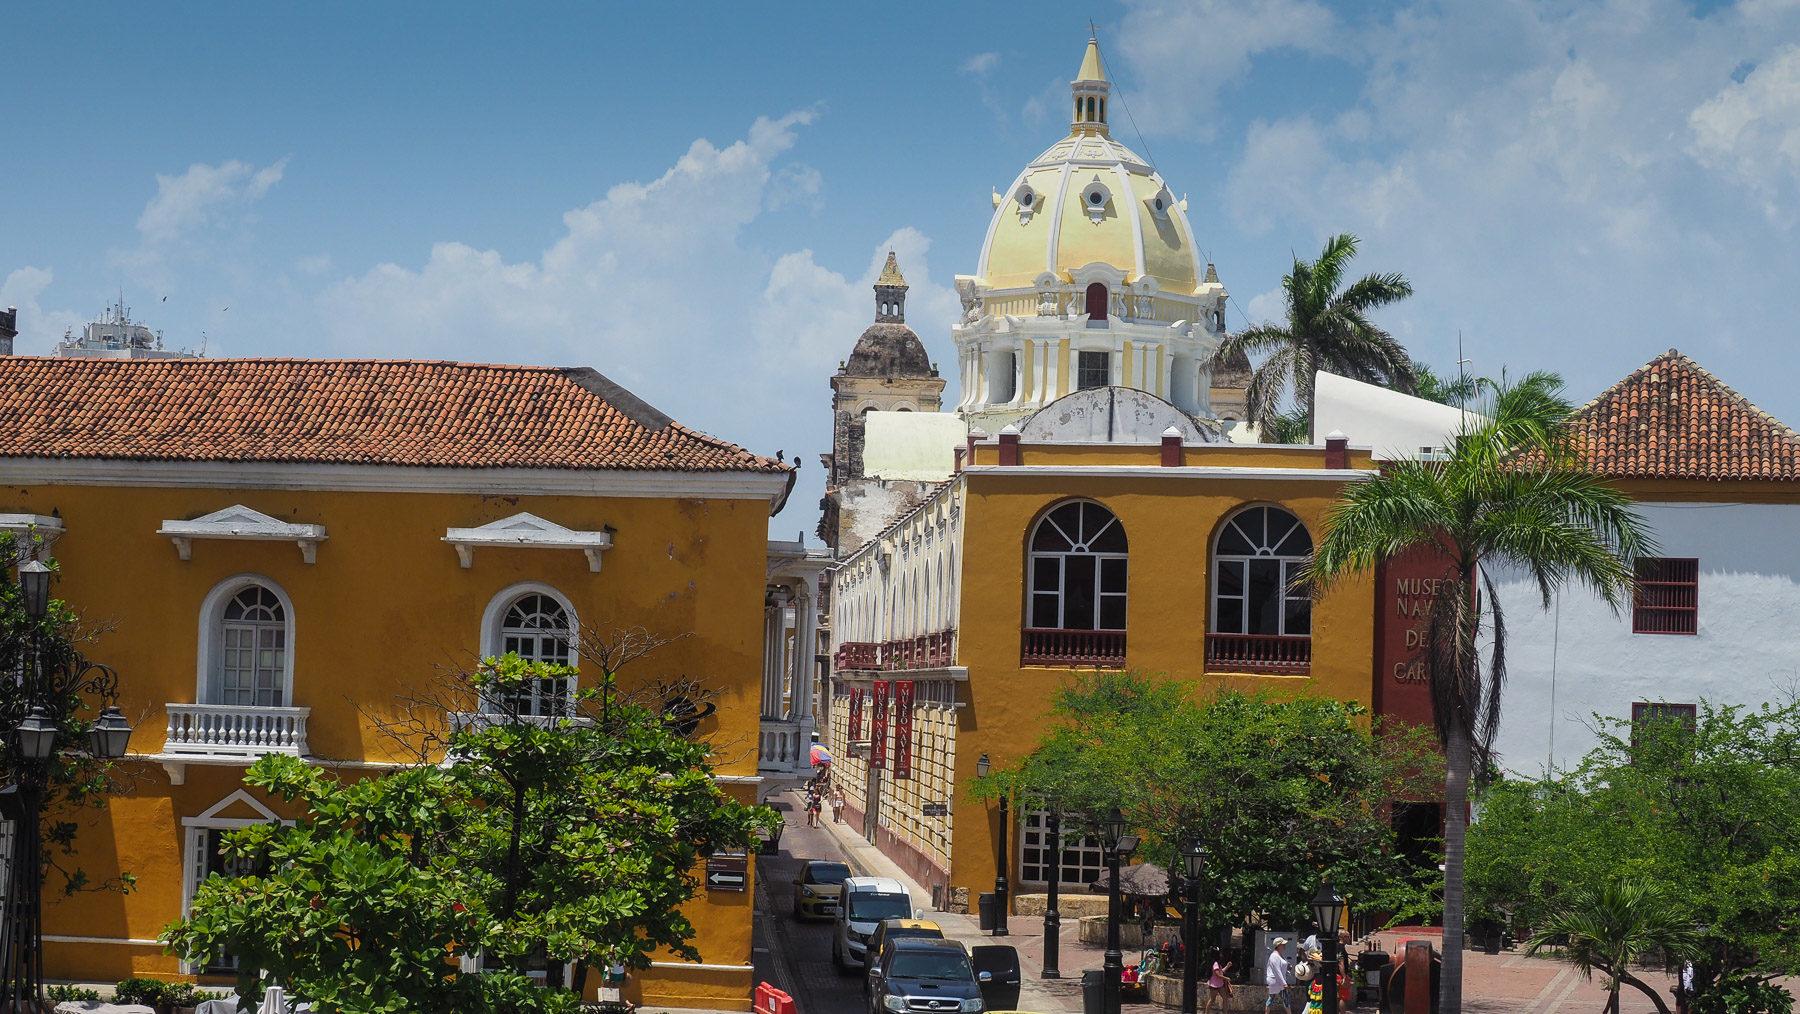 Eine der schönsten Kolonialstädte Südamerikas